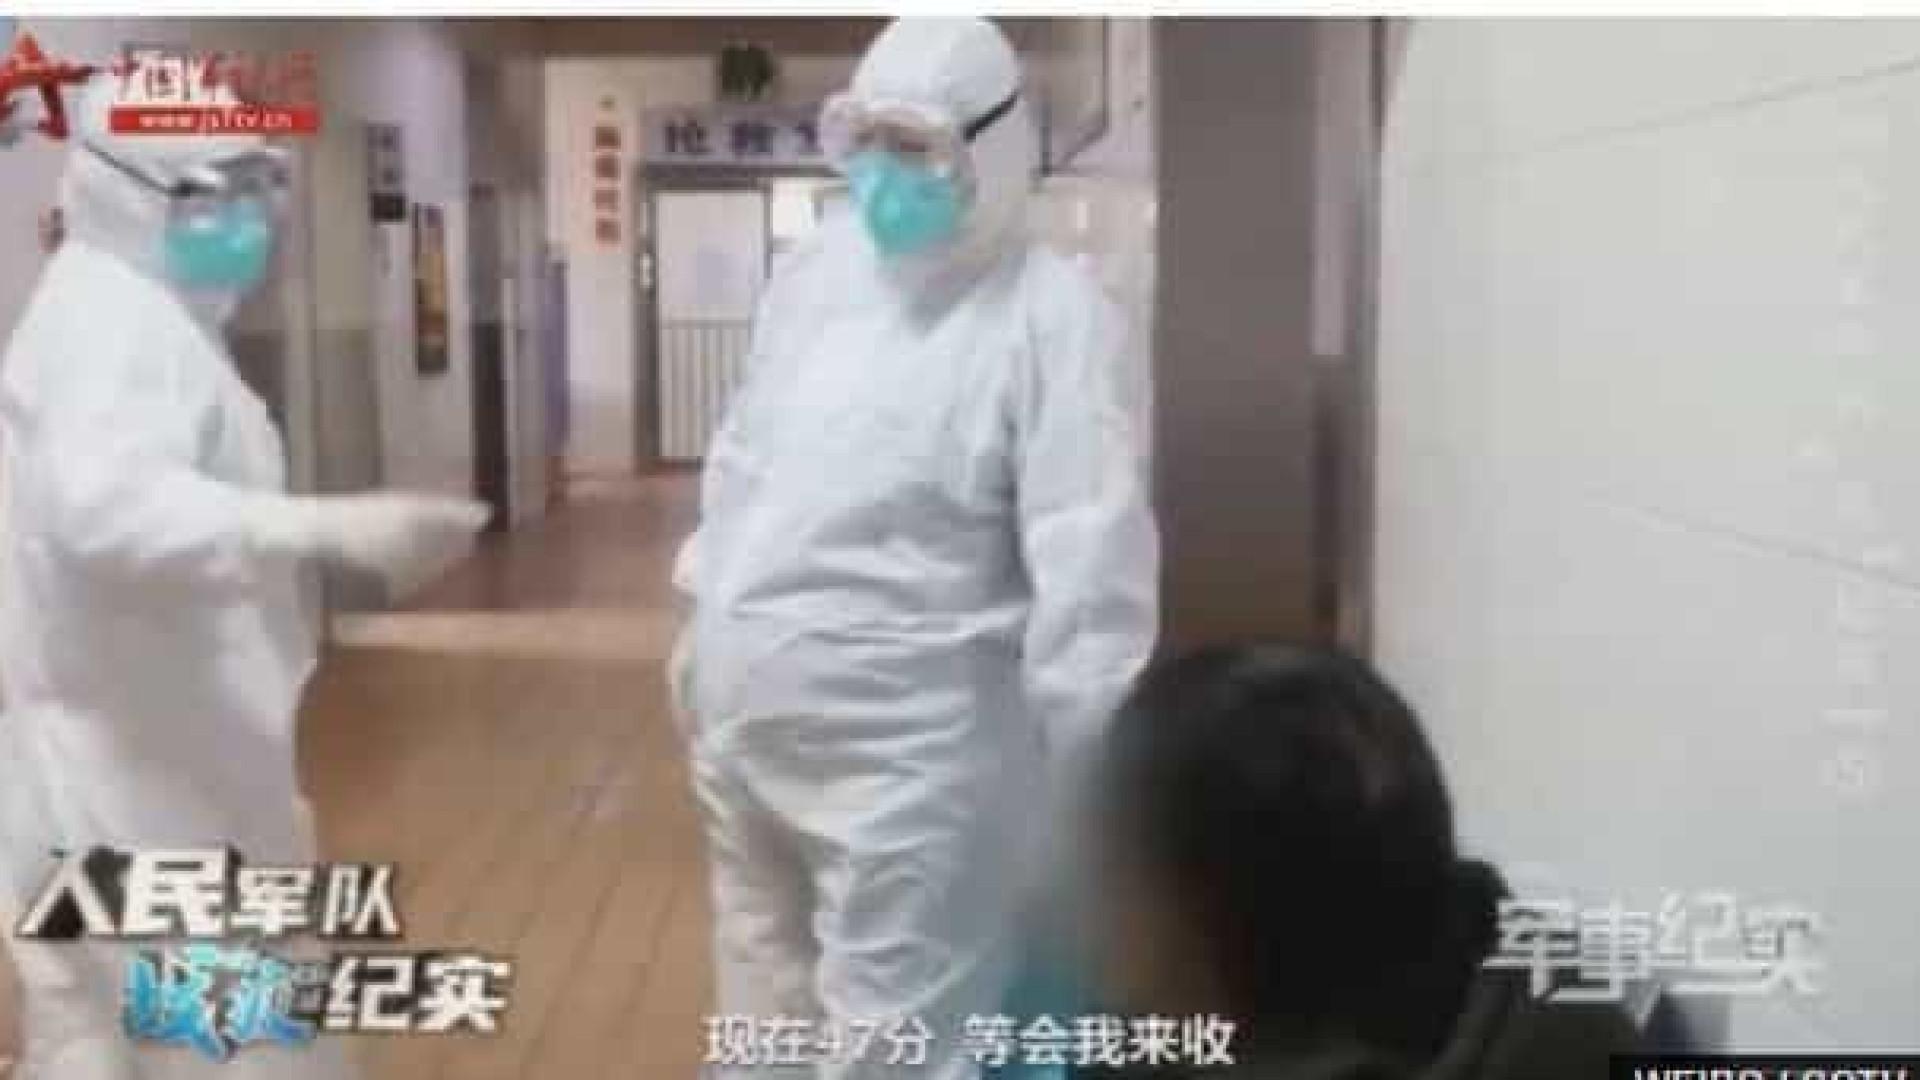 Covid-19. Enfermeira grávida a trabalhar na China gera polémica